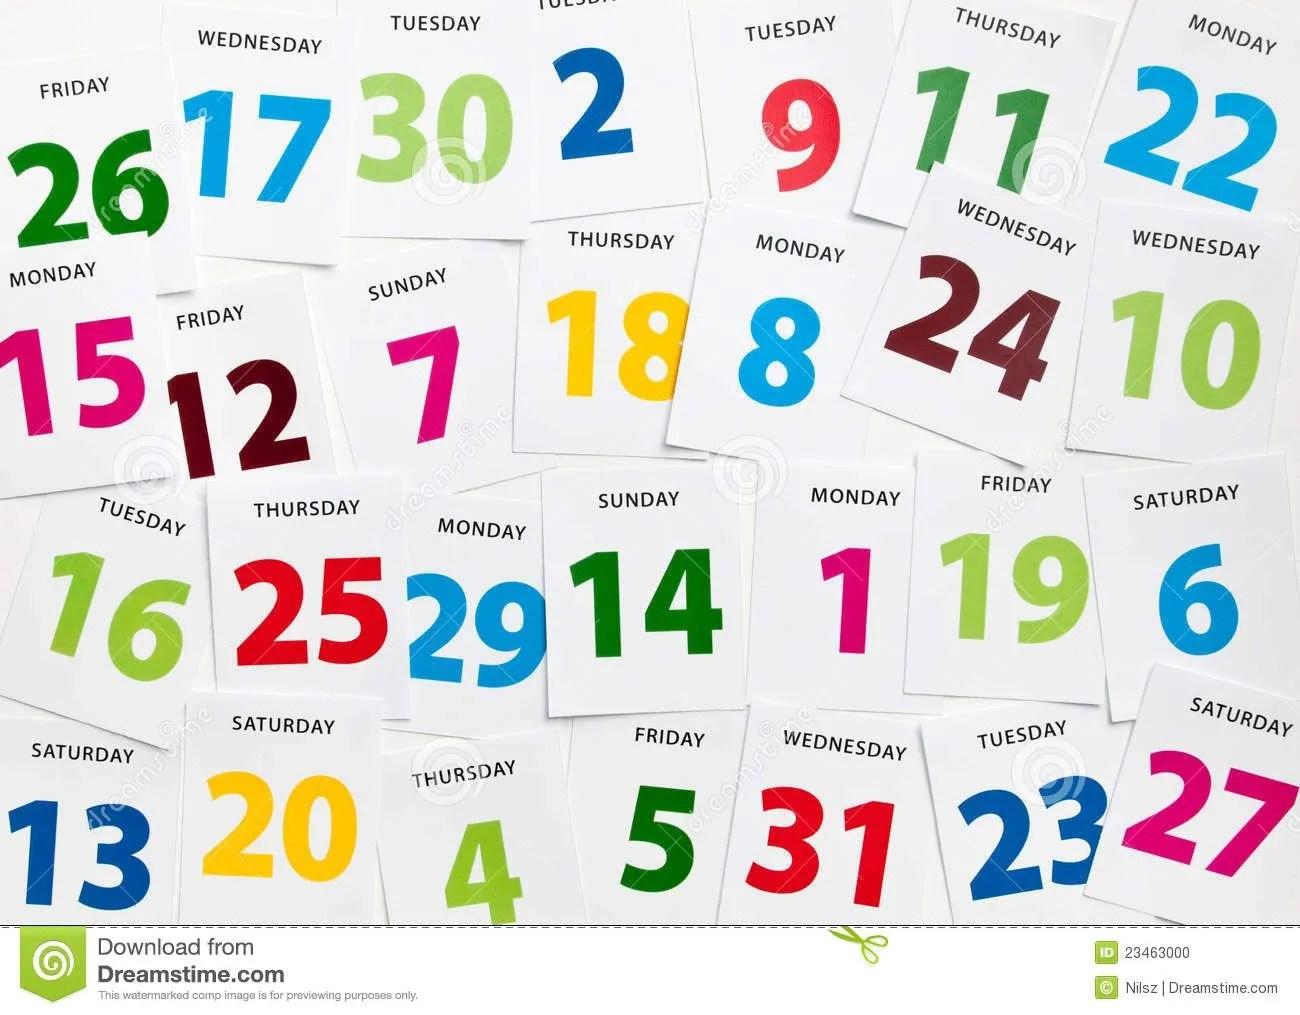 Como se escribe la fecha en ingles